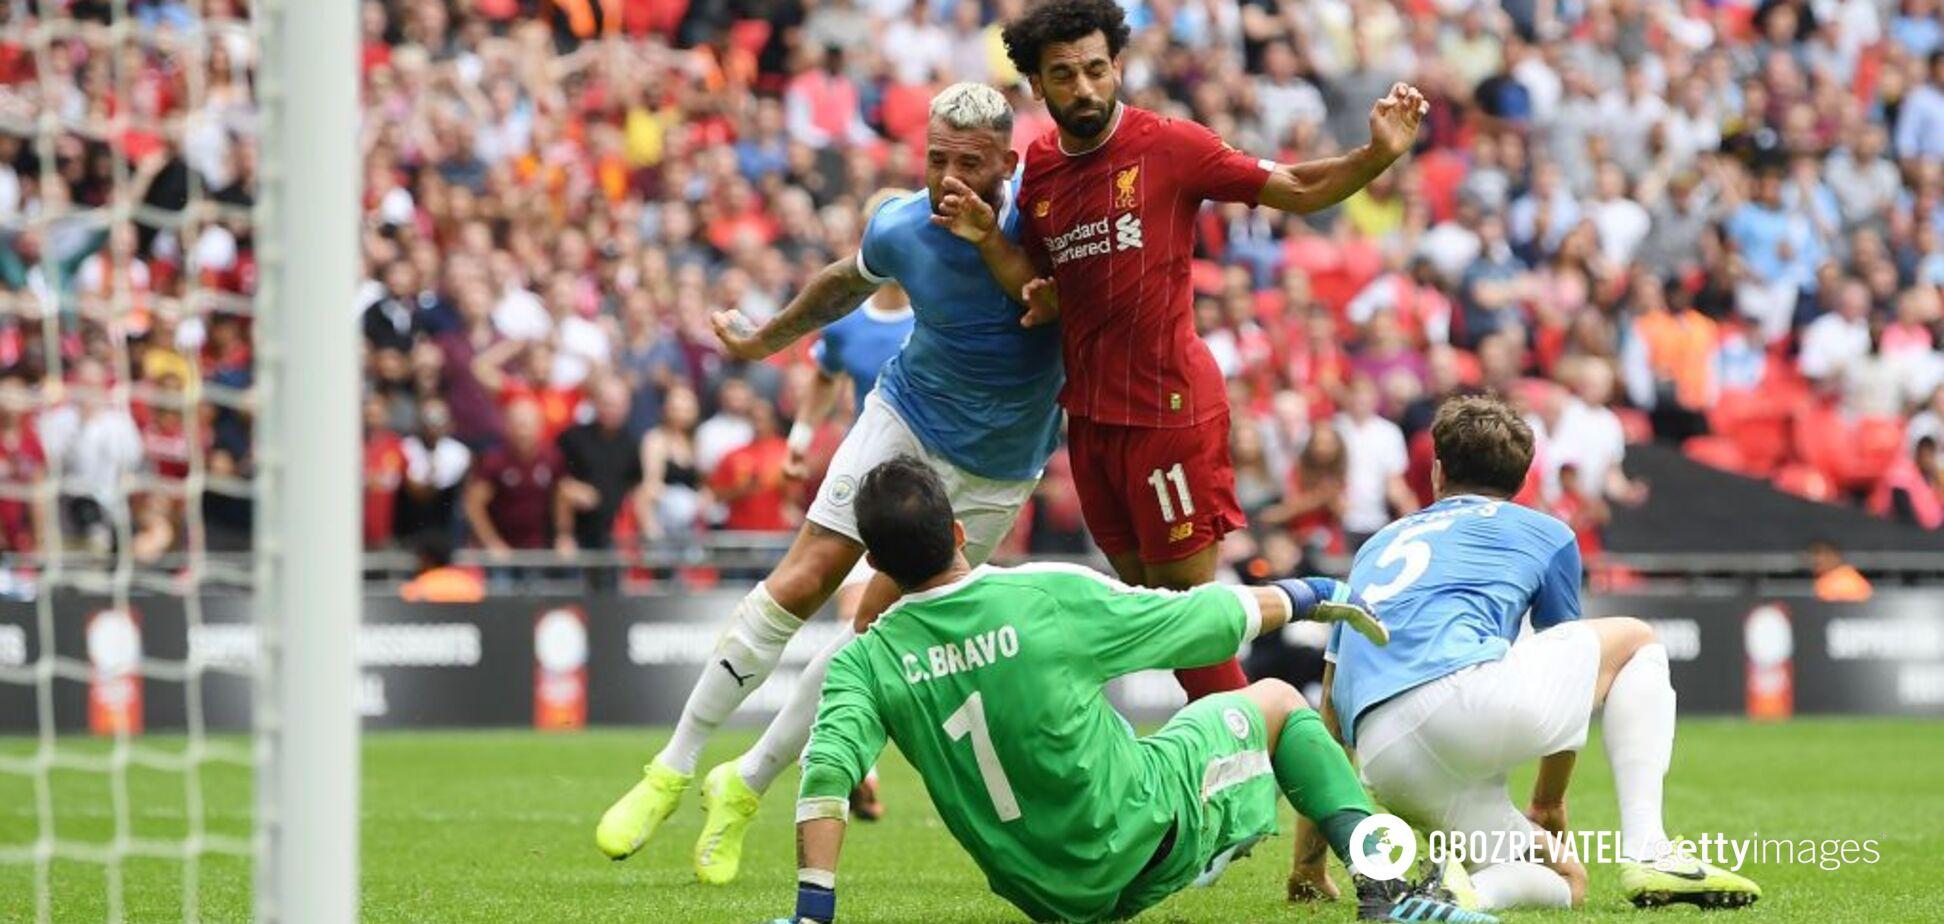 'Ліверпуль' - 'Манчестер Сіті': відеоогляд матчу за Суперкубок Англії